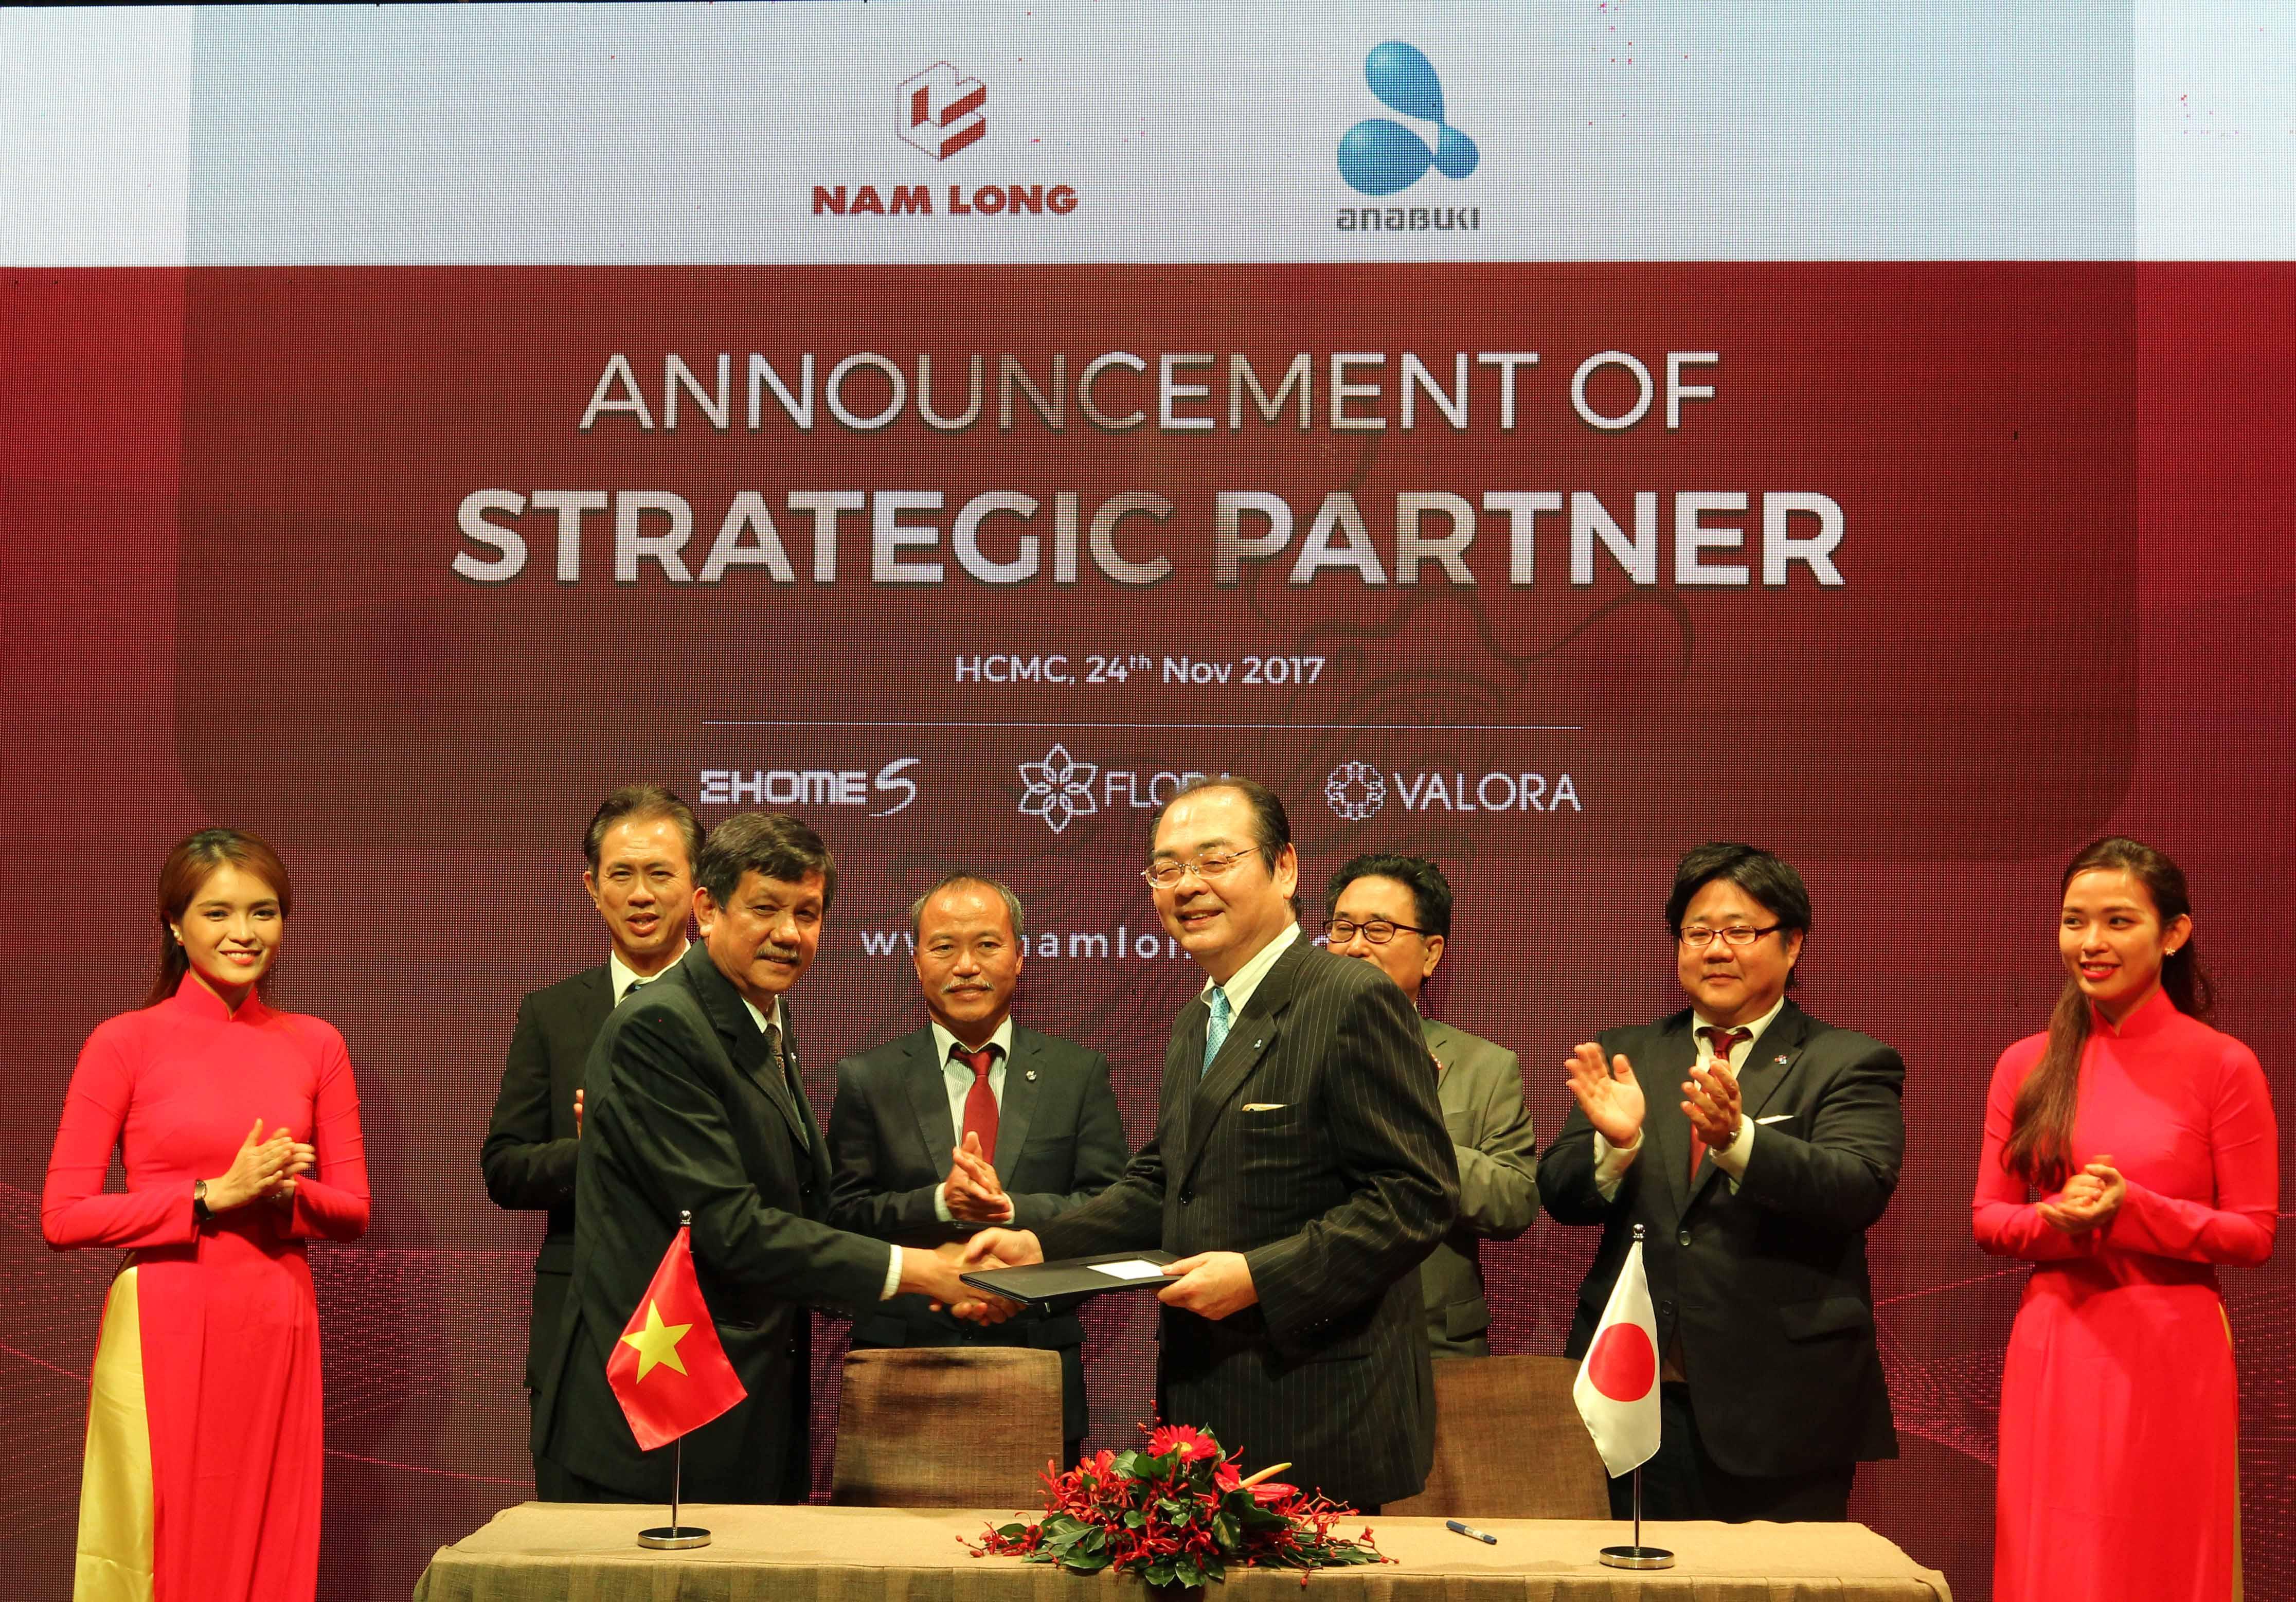 nam long signed strategic partnership with japans anabuki housing